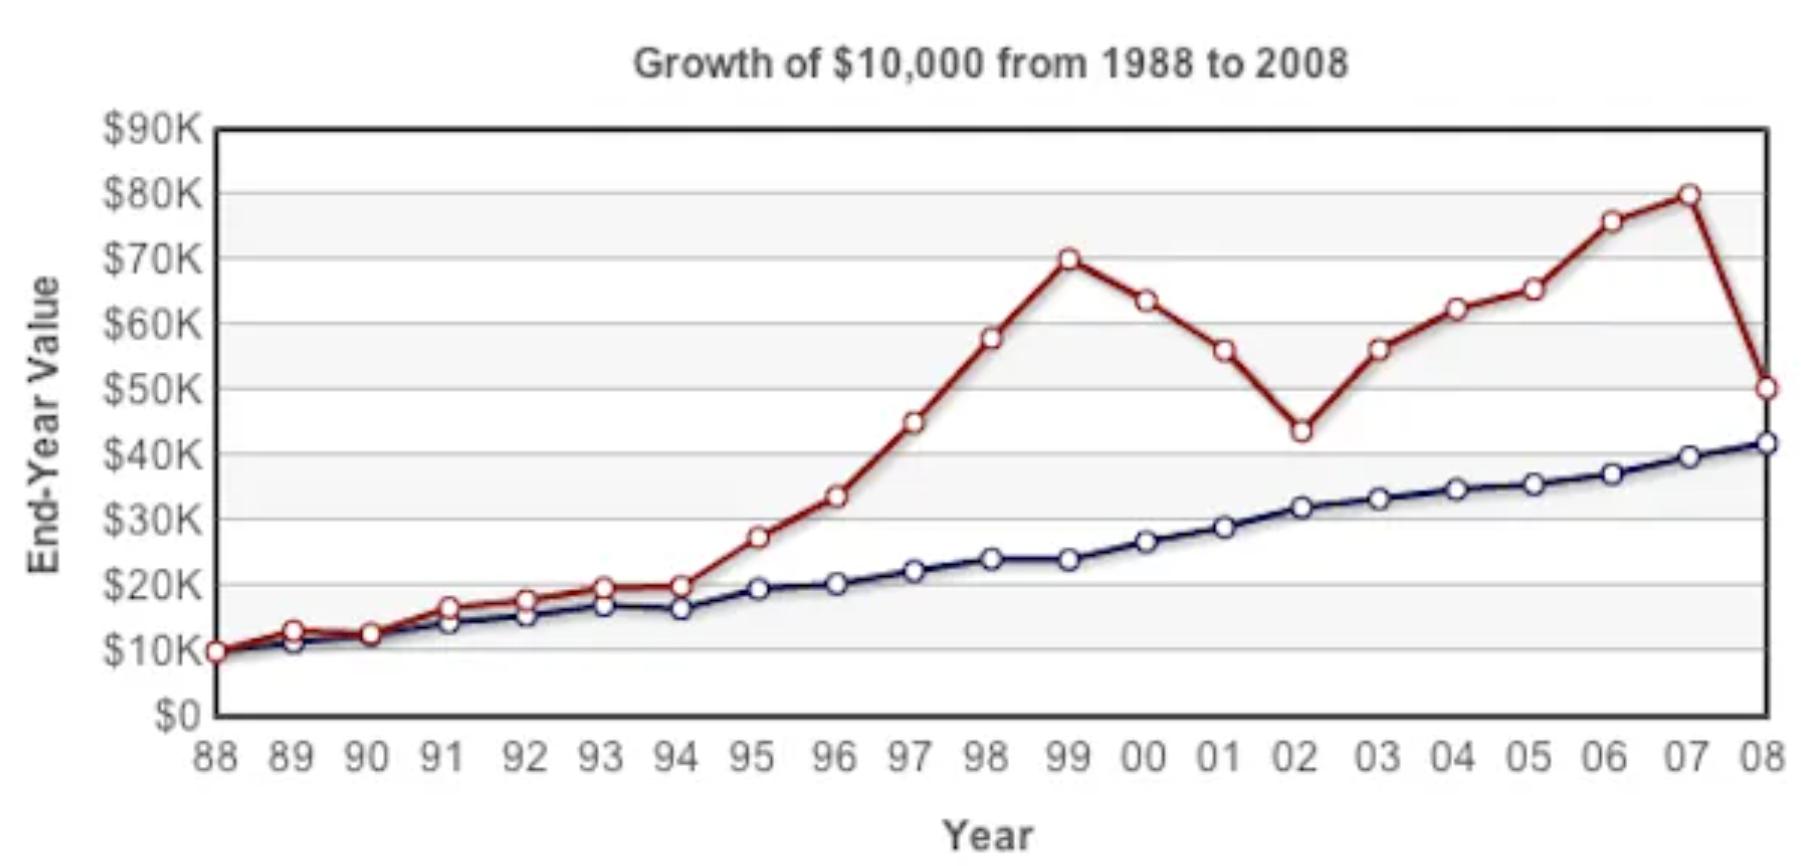 So sánh lợi nhuận của danh mục cổ phiếu (đỏ) và trái phiếu (xanh)